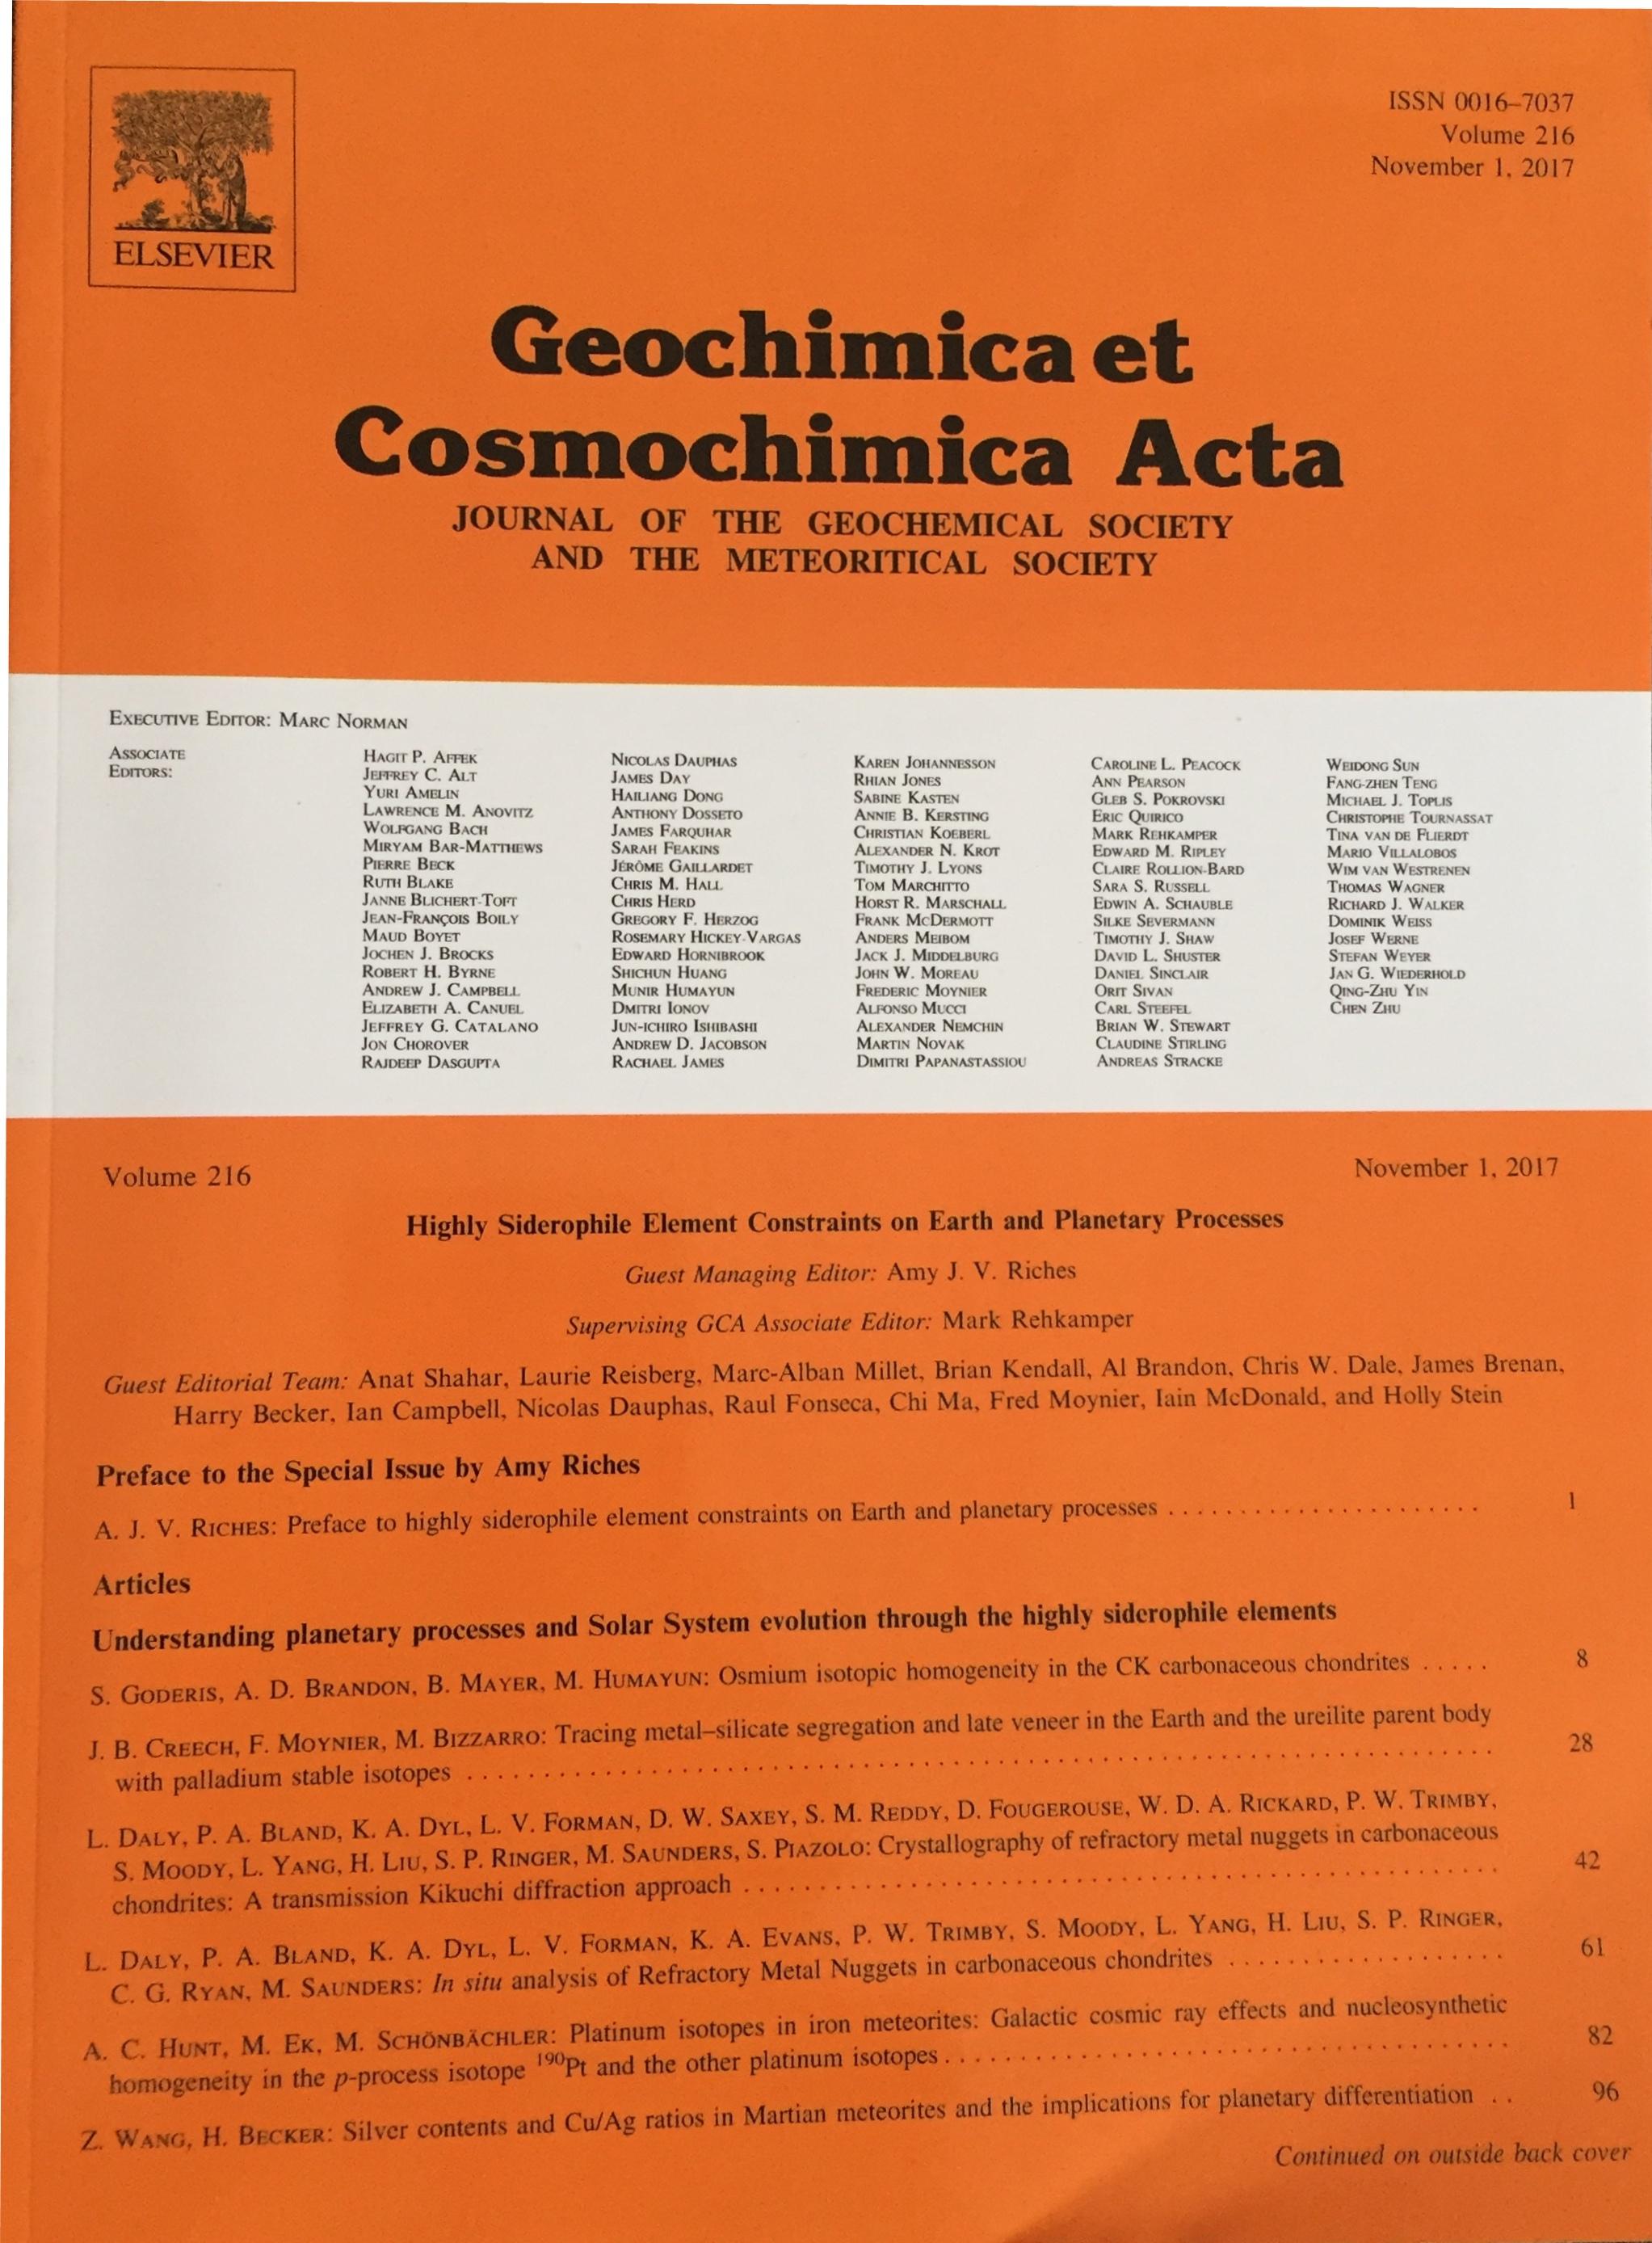 gca cover